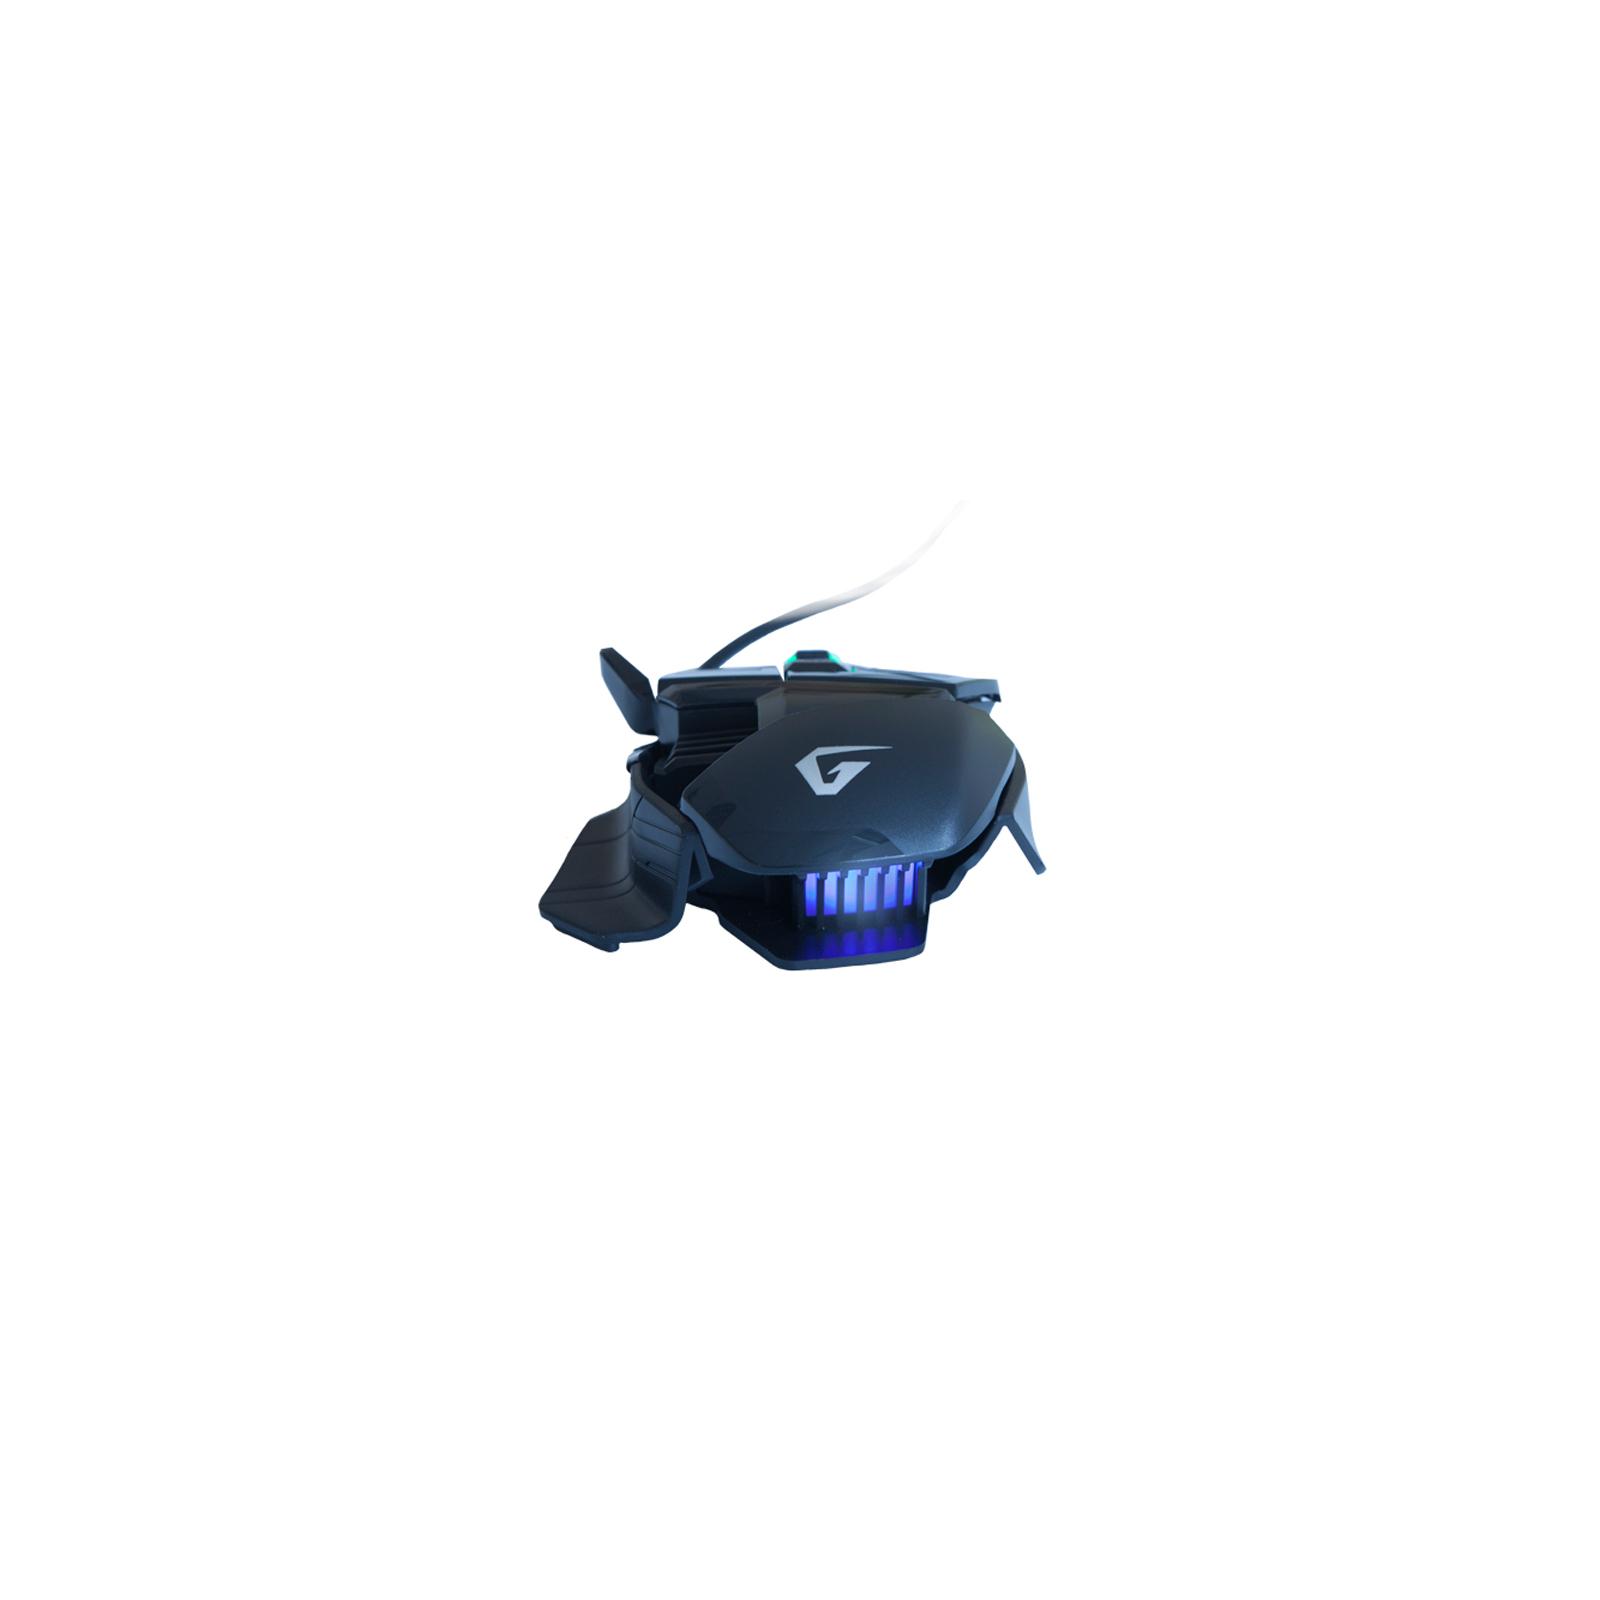 Мышка GEMIX W130 изображение 4